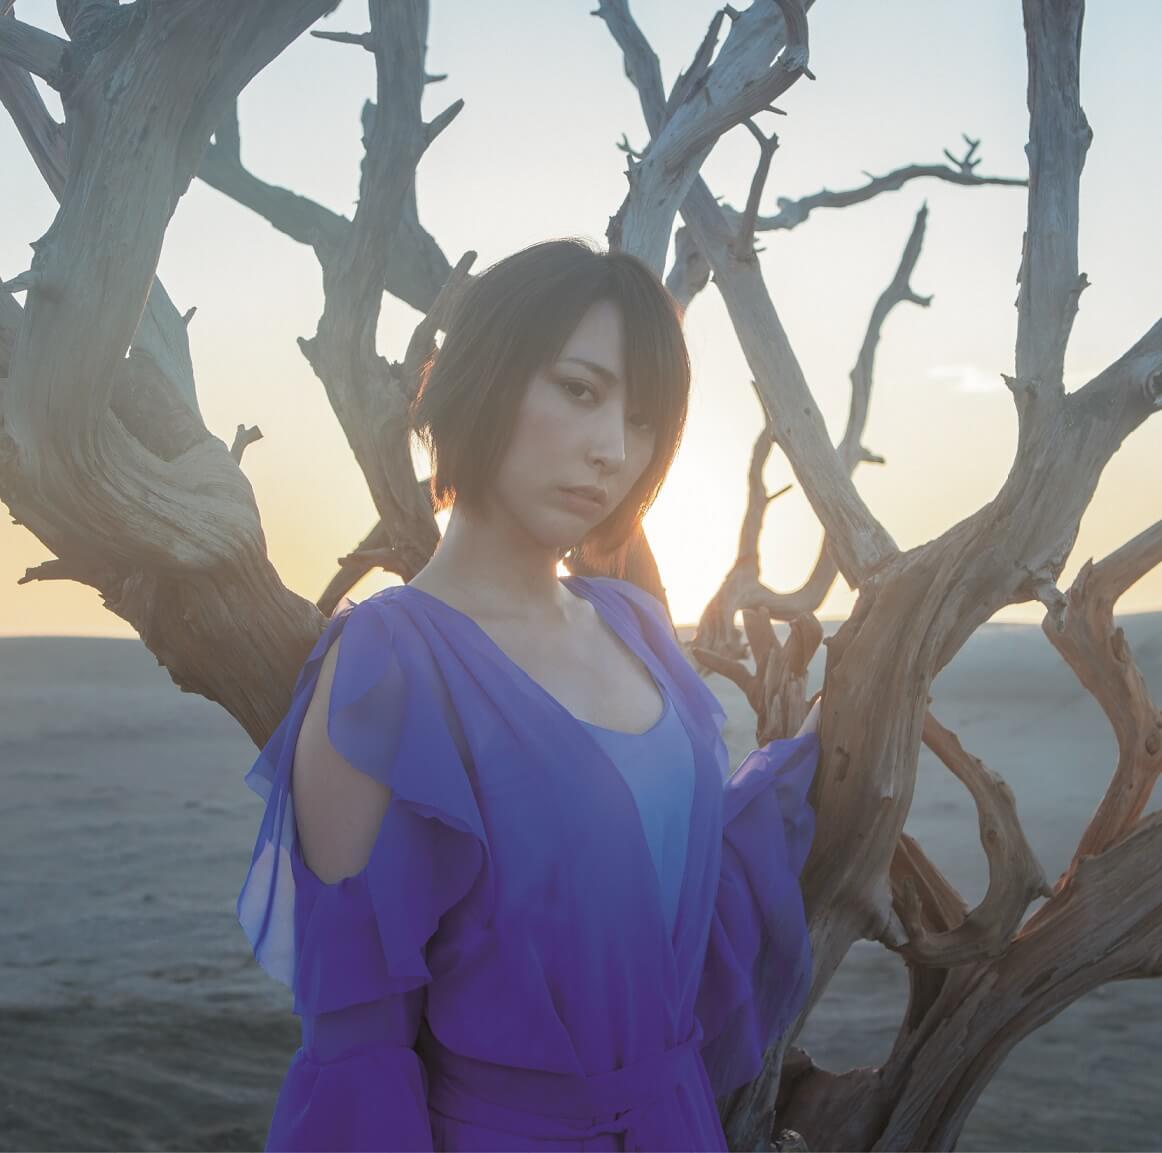 藍井エイルの新曲「UNLIMITED」がVRゲーム「東京クロノス」OPテーマに決定サムネイル画像